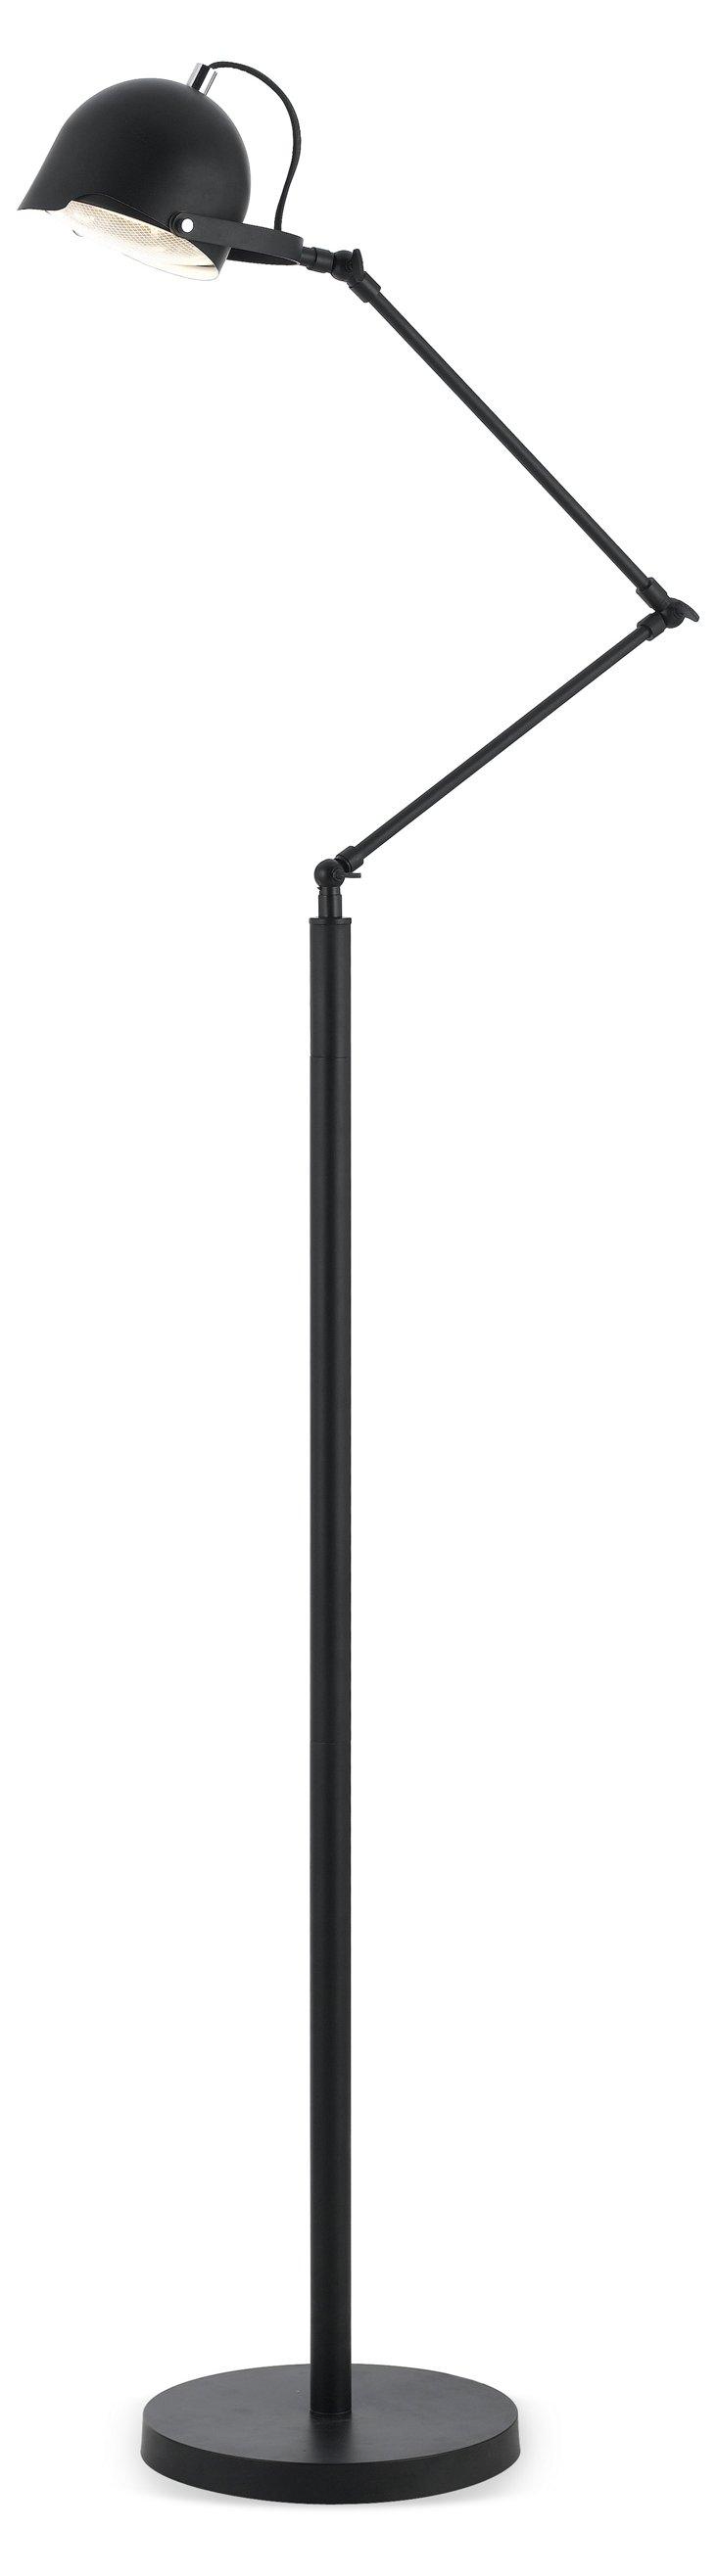 Cooper Floor Lamp, Black